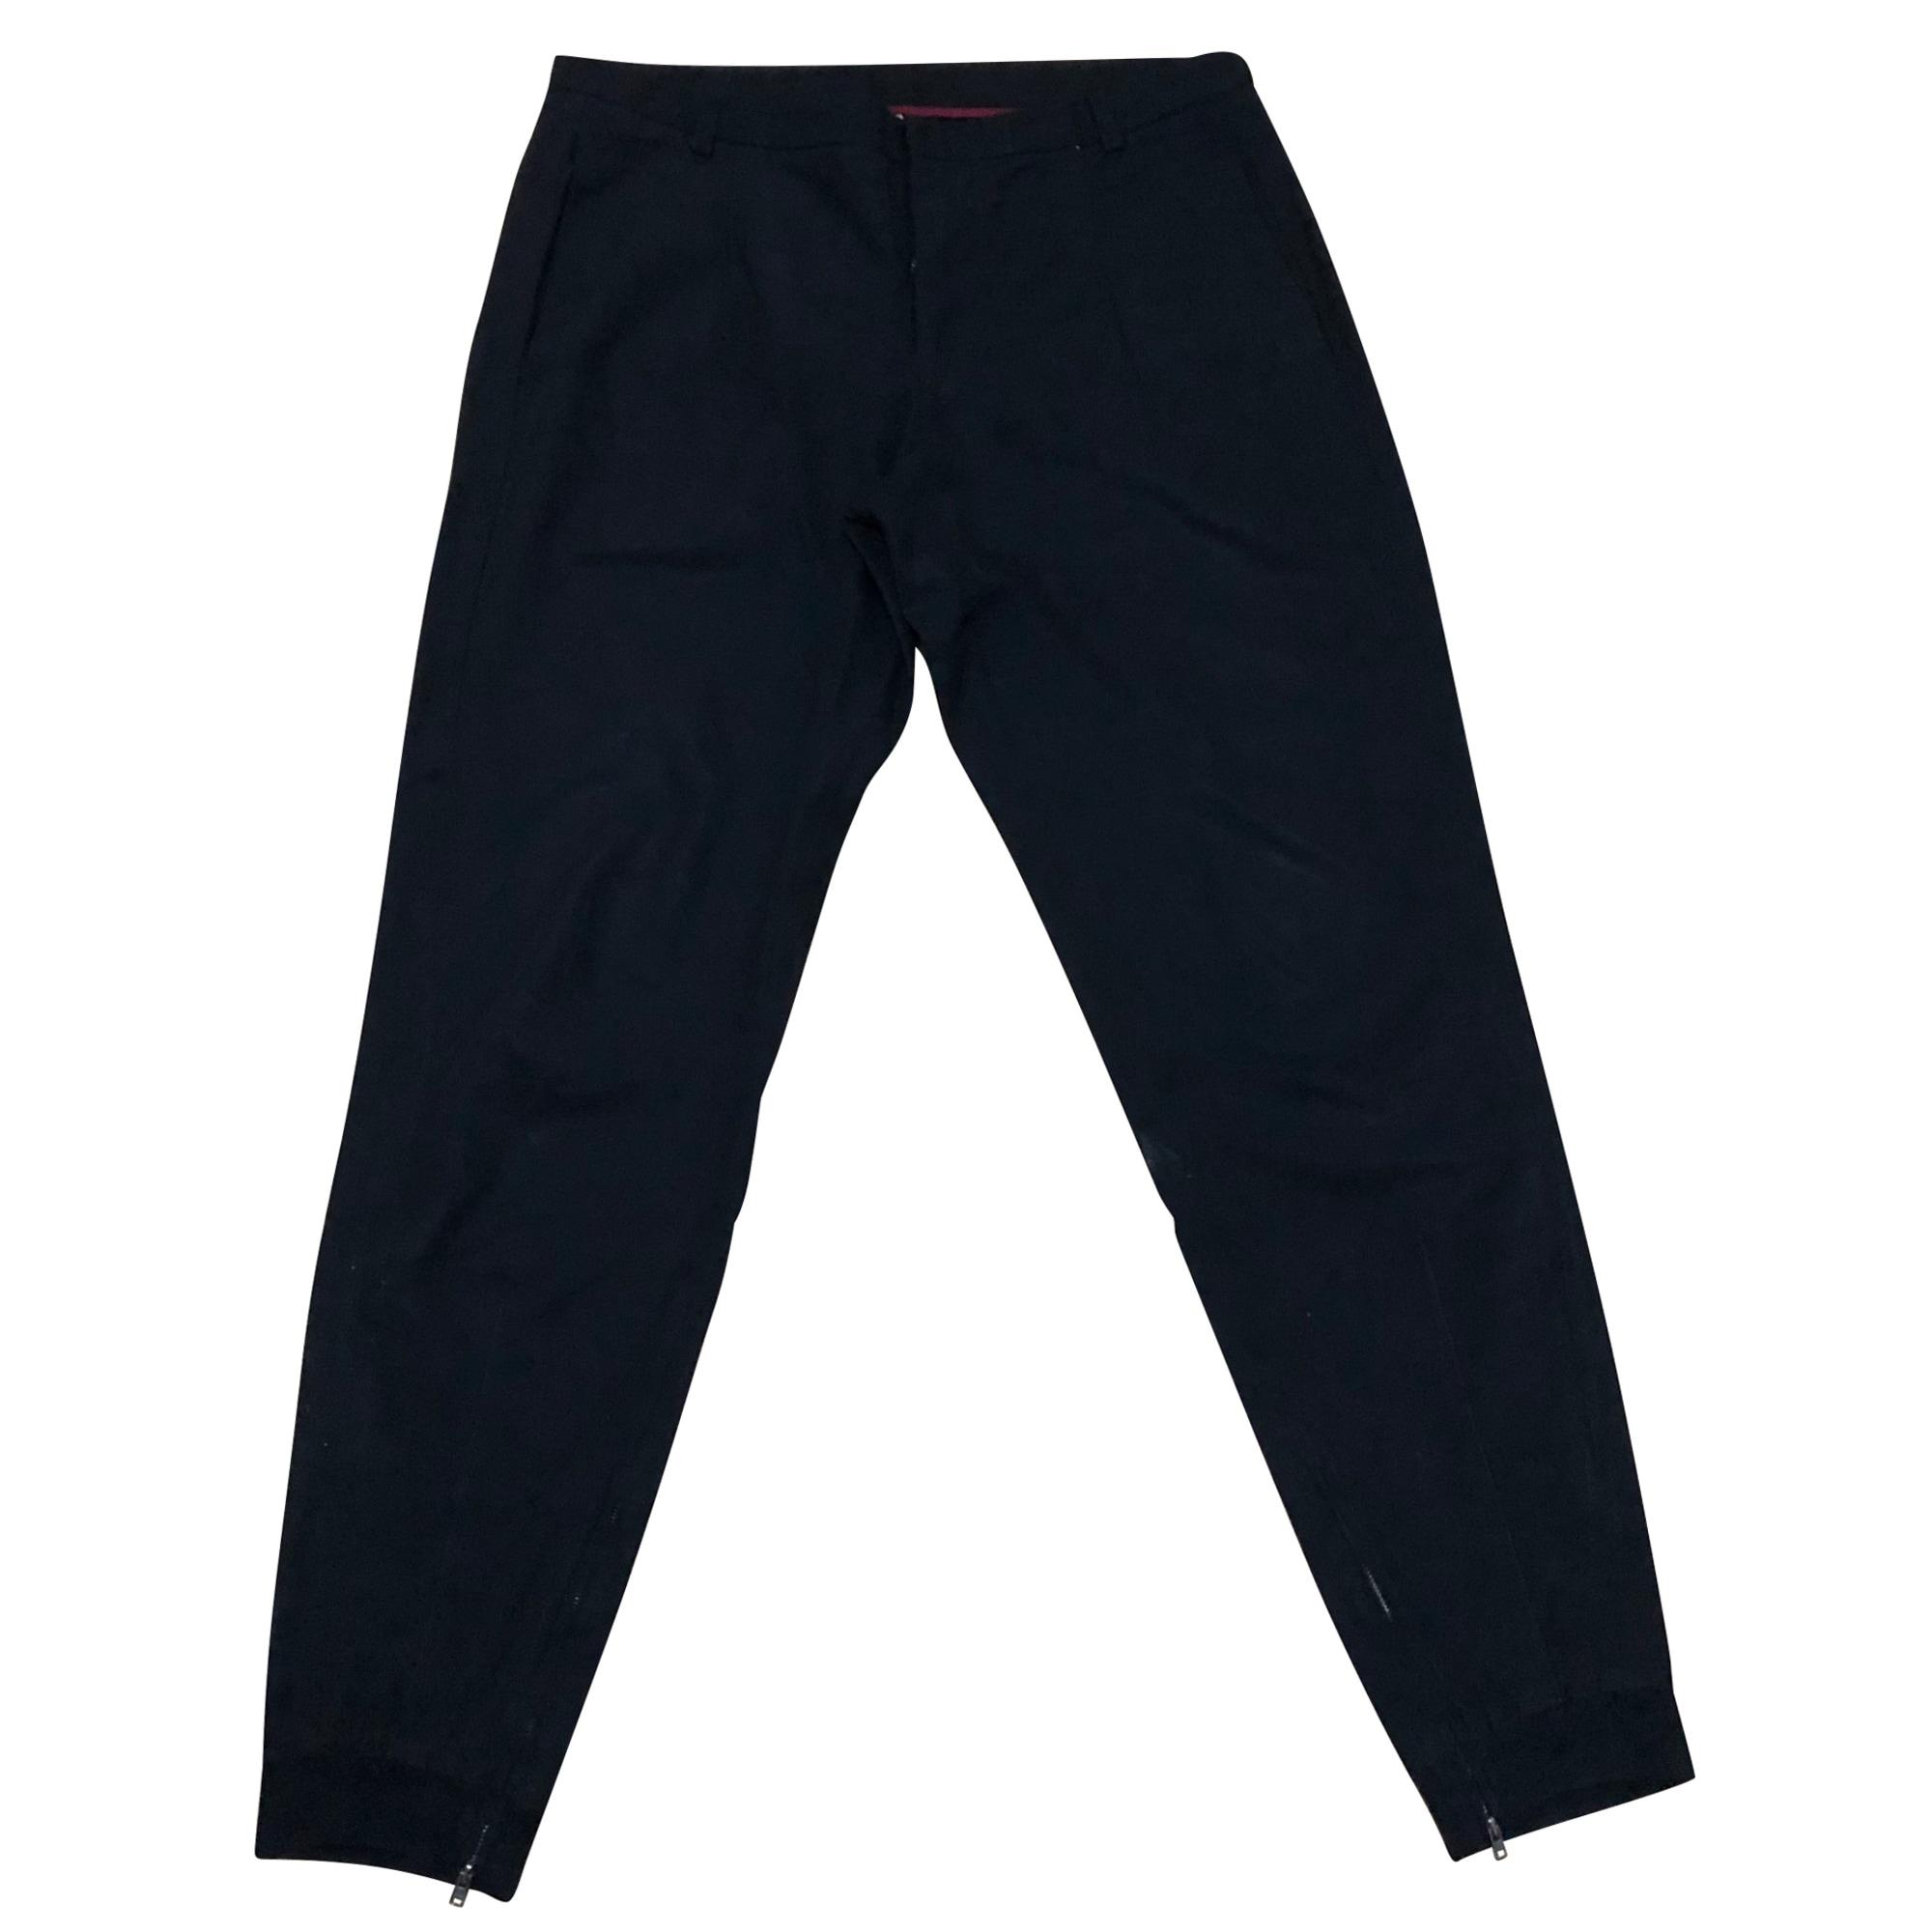 Pantalon droit ANTONIO MARRAS Noir